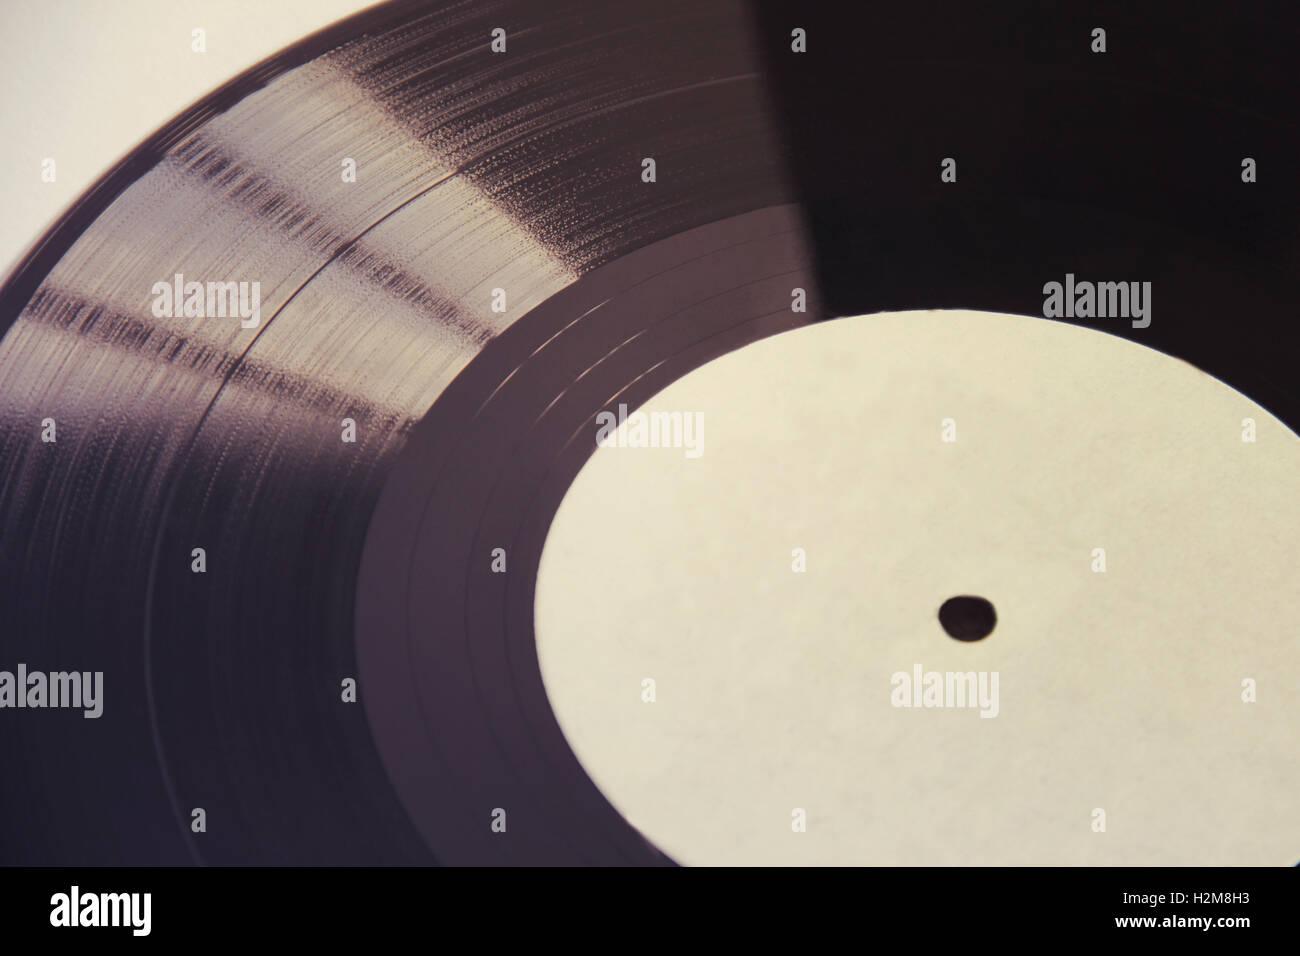 Schwarzes Vinyl isoliert auf weißen alten Retro-sound records Stockfoto